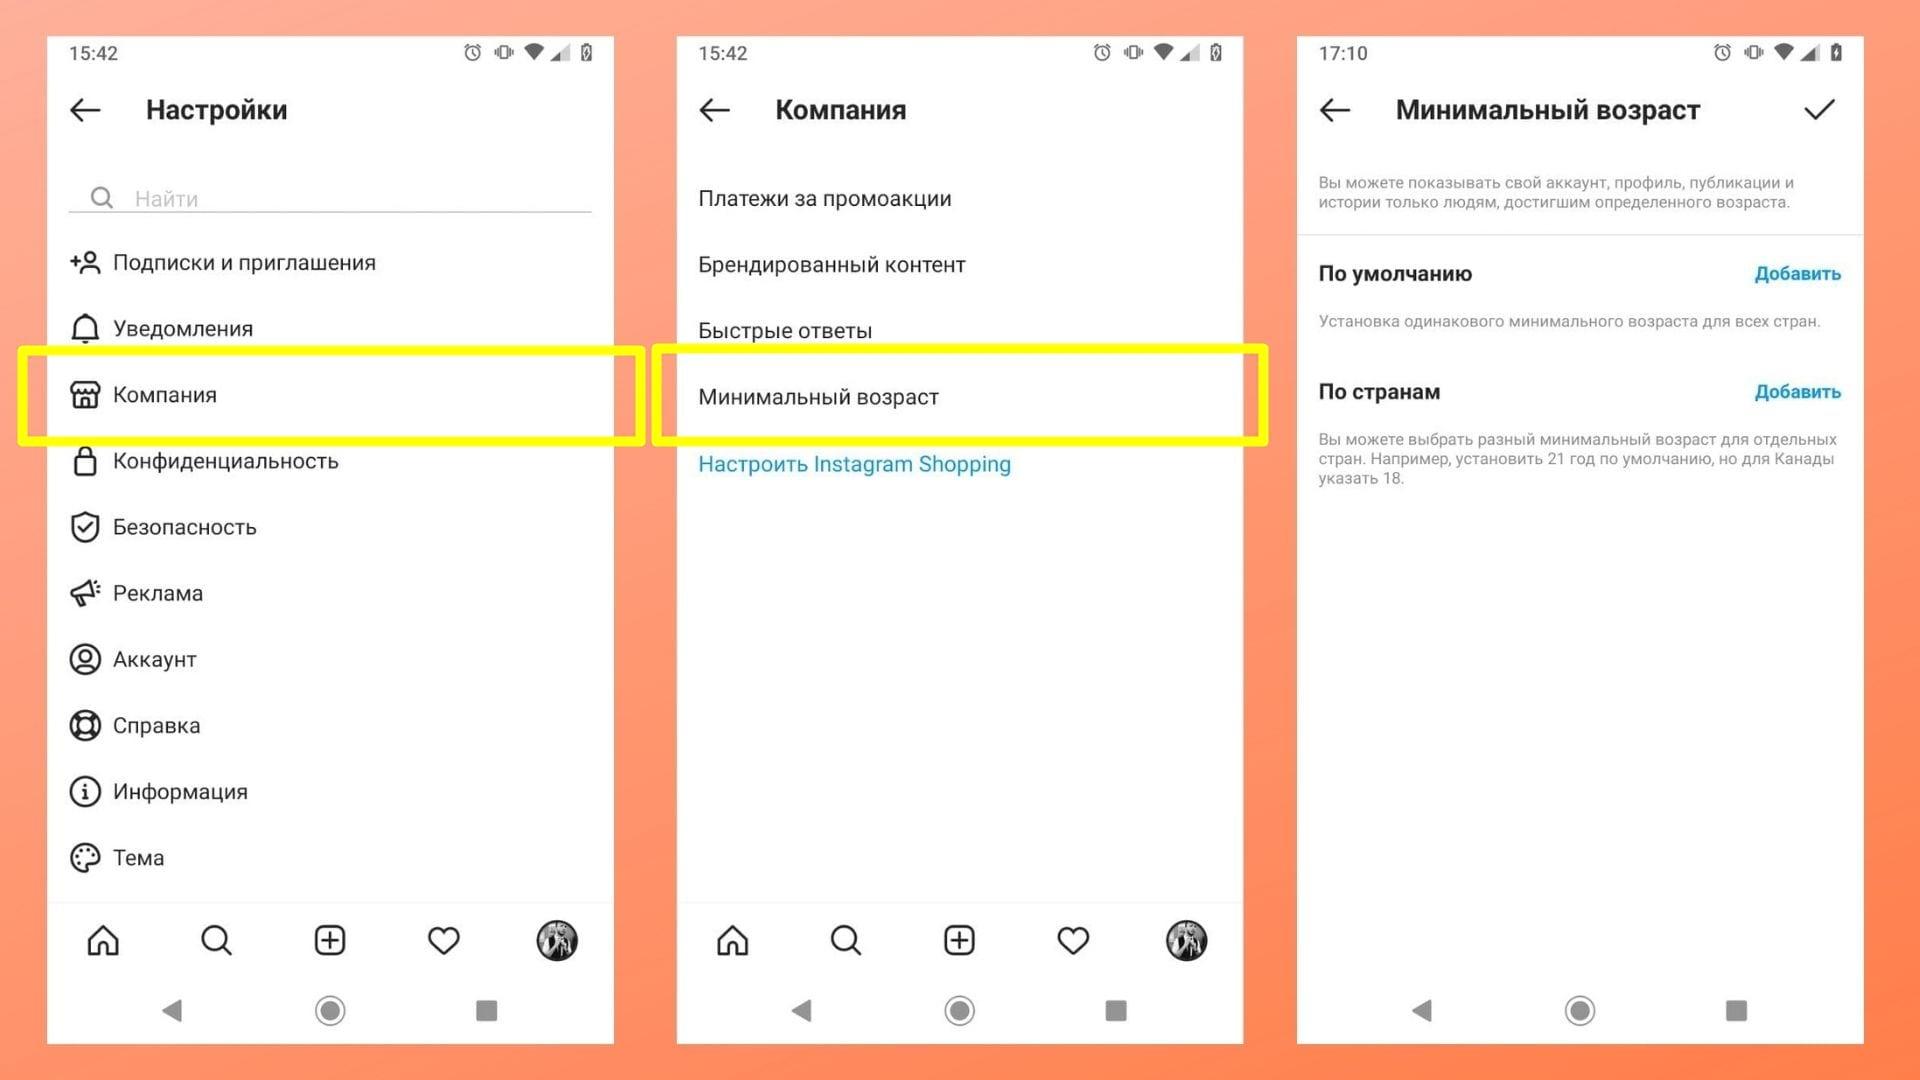 Как установить минимальный возраст для показа контента в Инстаграм